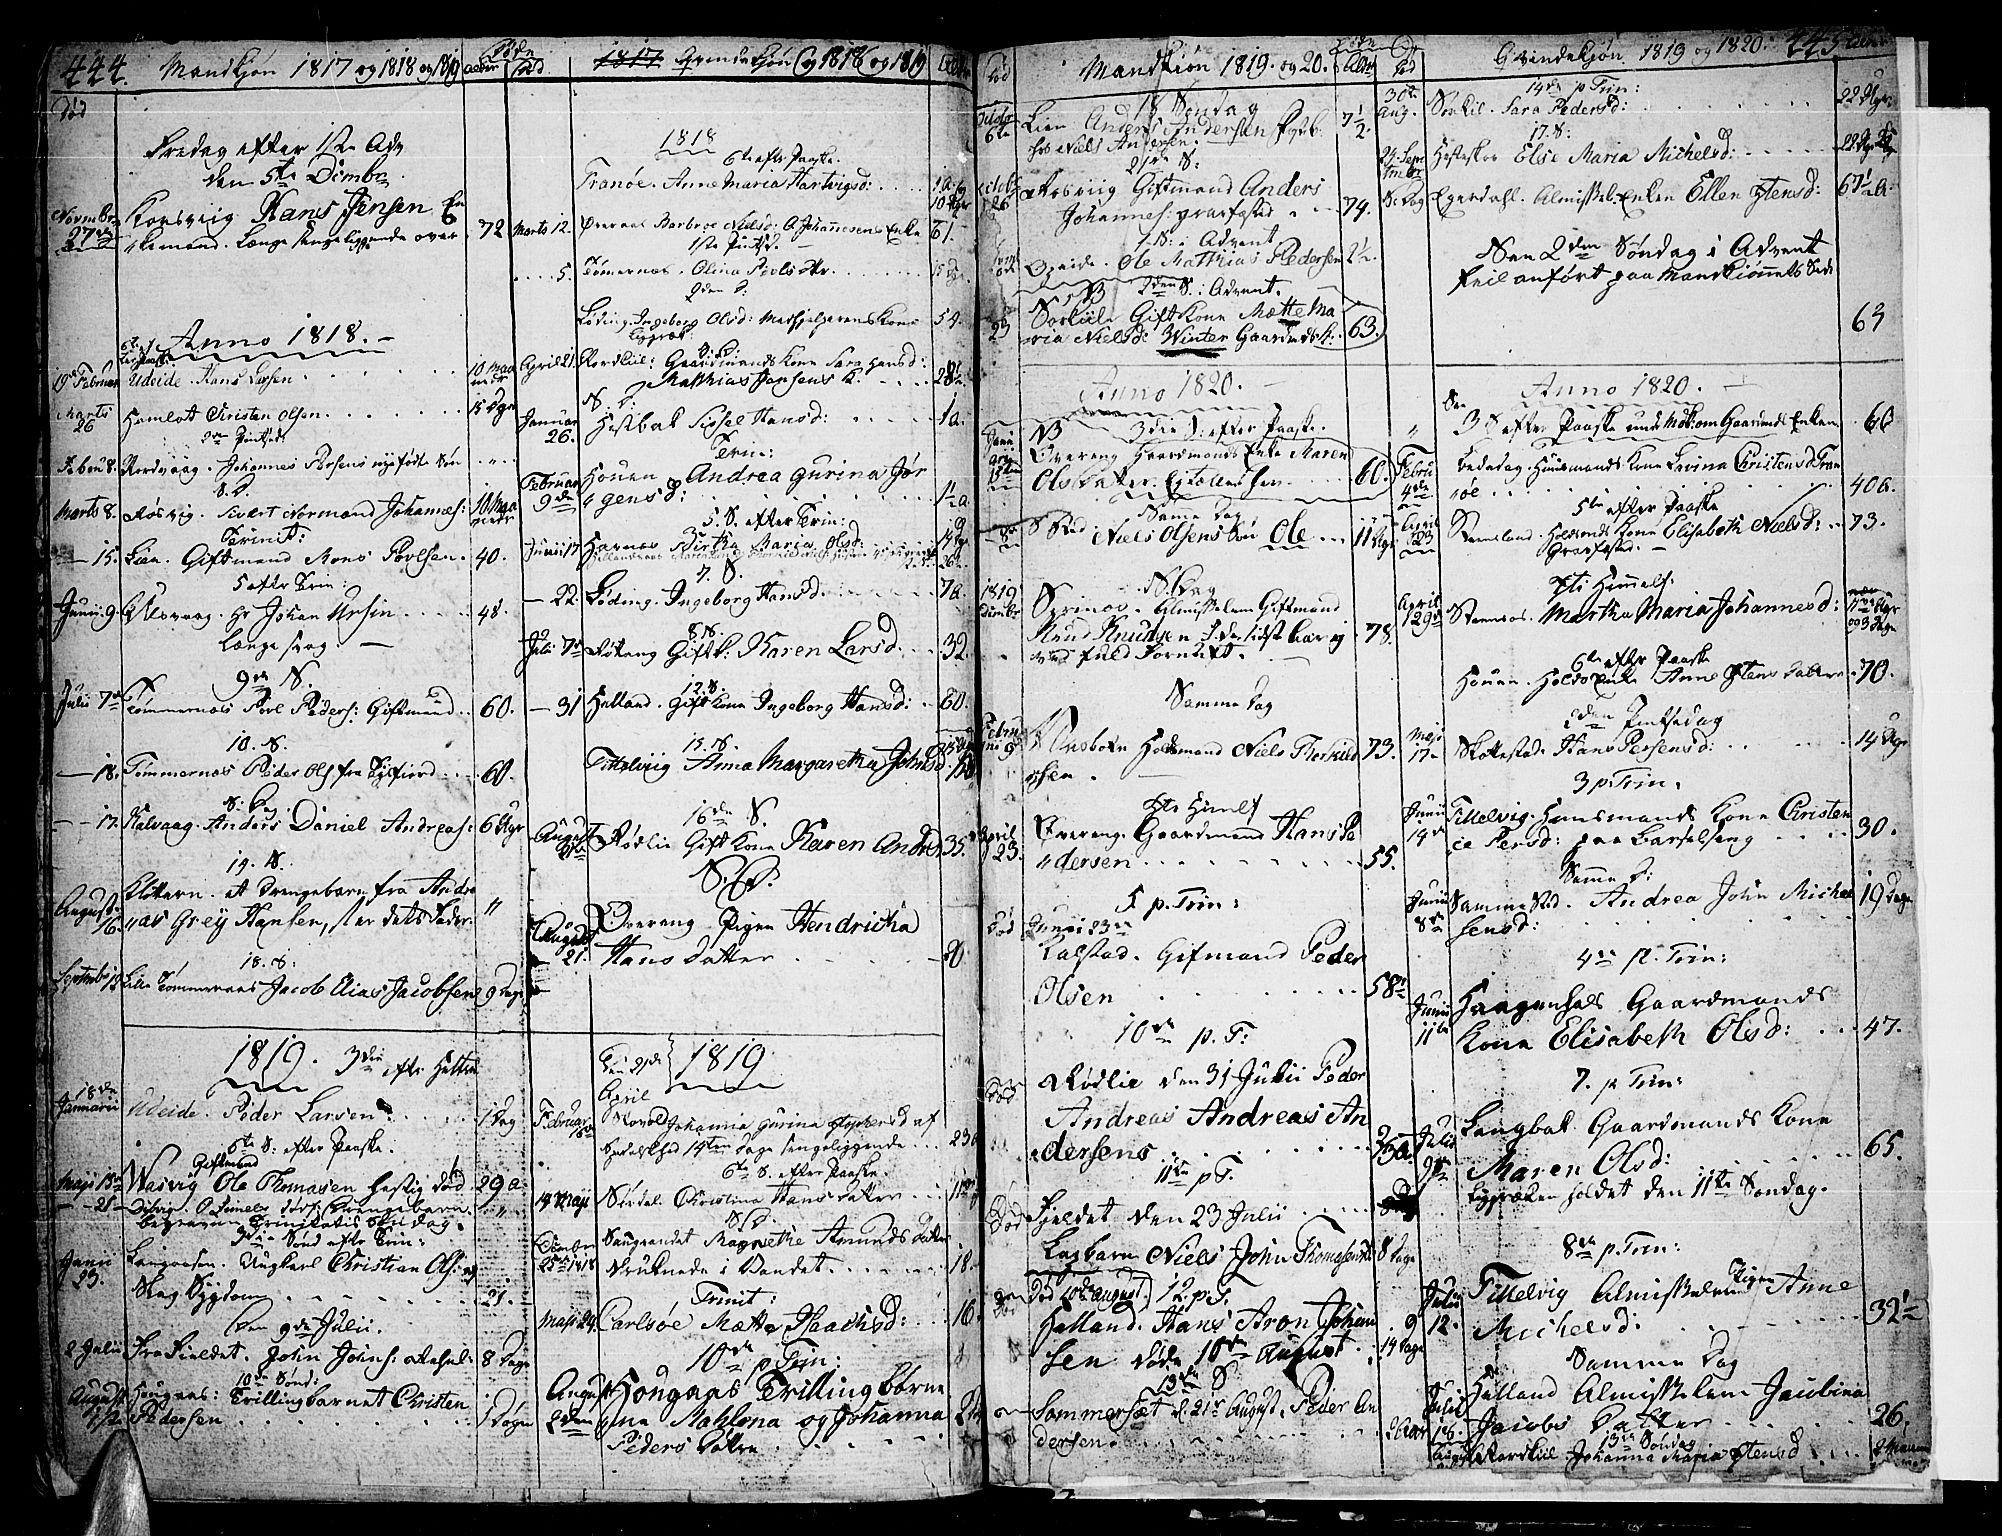 SAT, Ministerialprotokoller, klokkerbøker og fødselsregistre - Nordland, 859/L0841: Parish register (official) no. 859A01, 1766-1821, p. 444-445